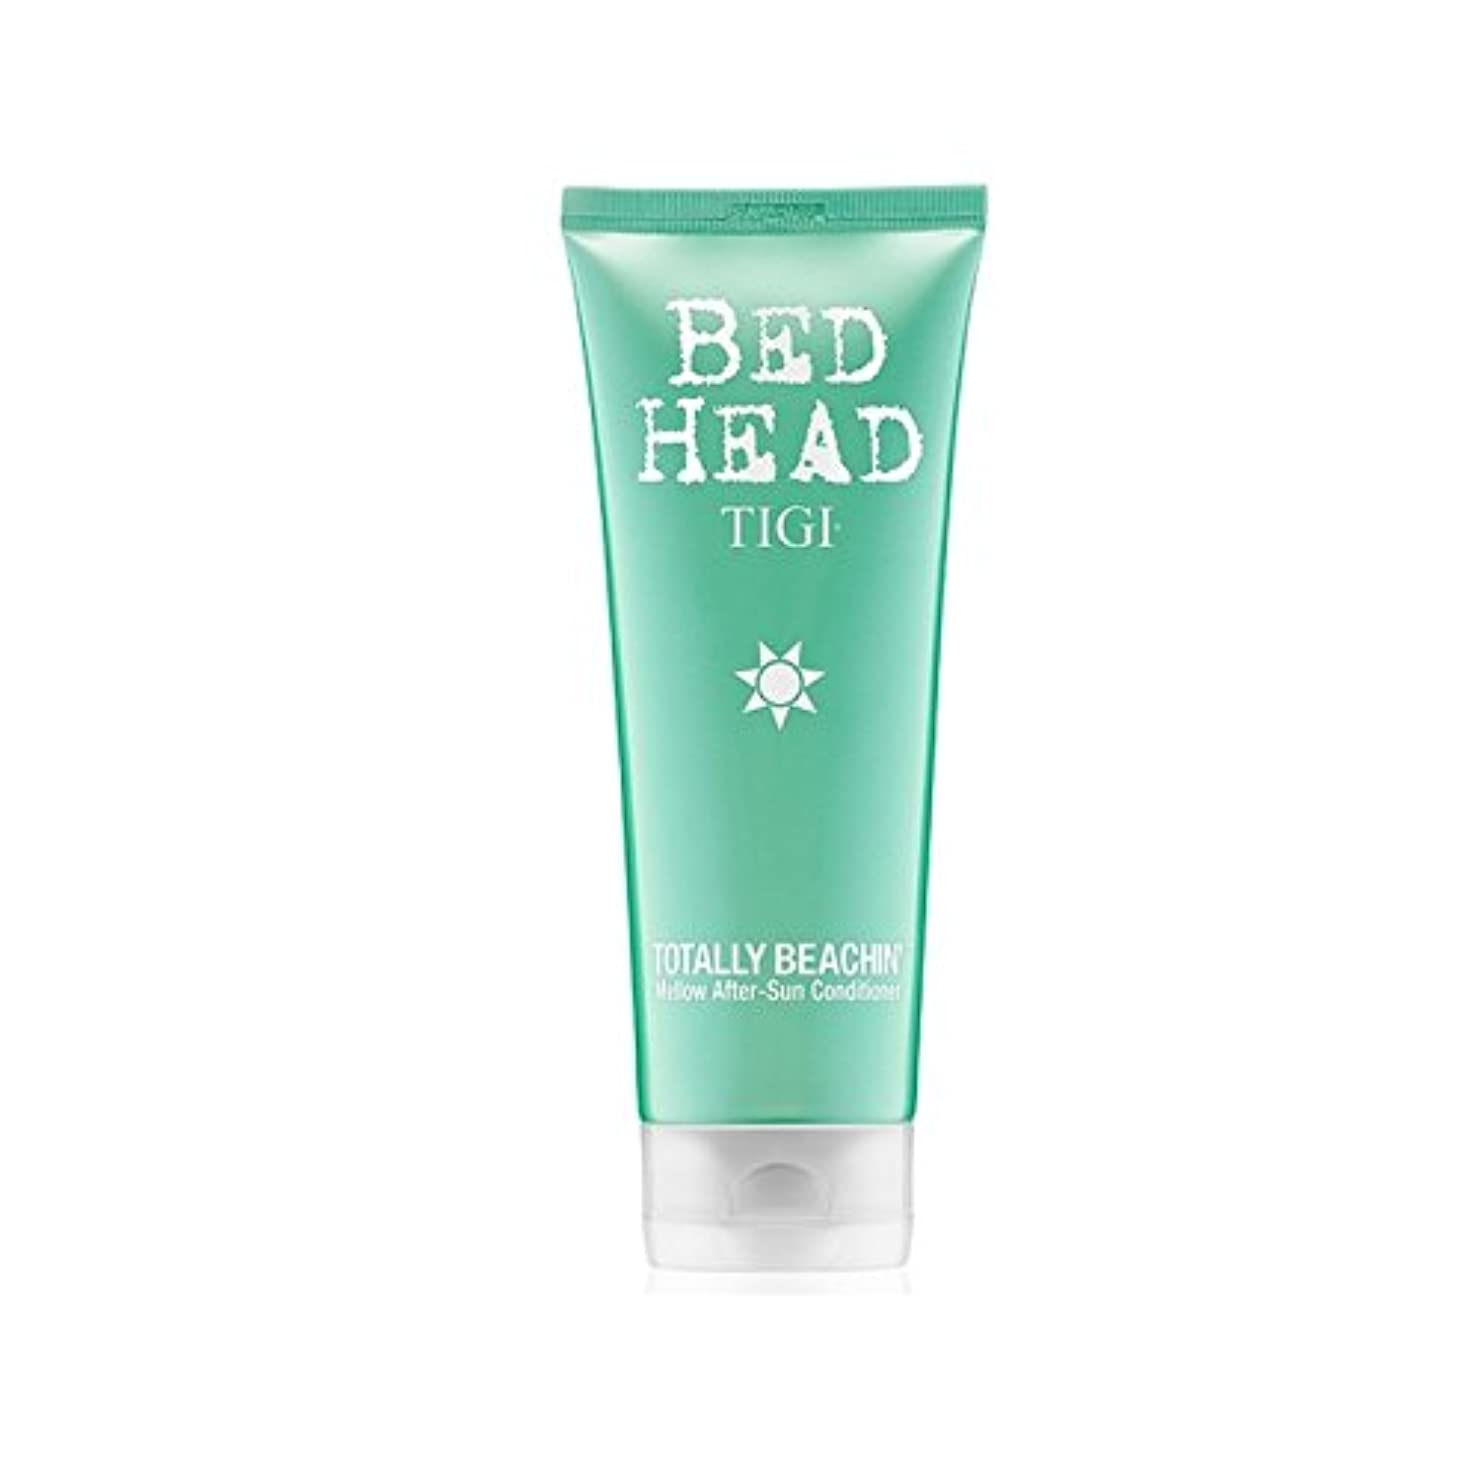 後世おとうさん通信網ティジーベッドヘッド全くまろやかアフターサンコンディショナー(200ミリリットル) x2 - Tigi Bed Head Totally Beachin Mellow After-Sun Conditioner (200ml) (Pack of 2) [並行輸入品]